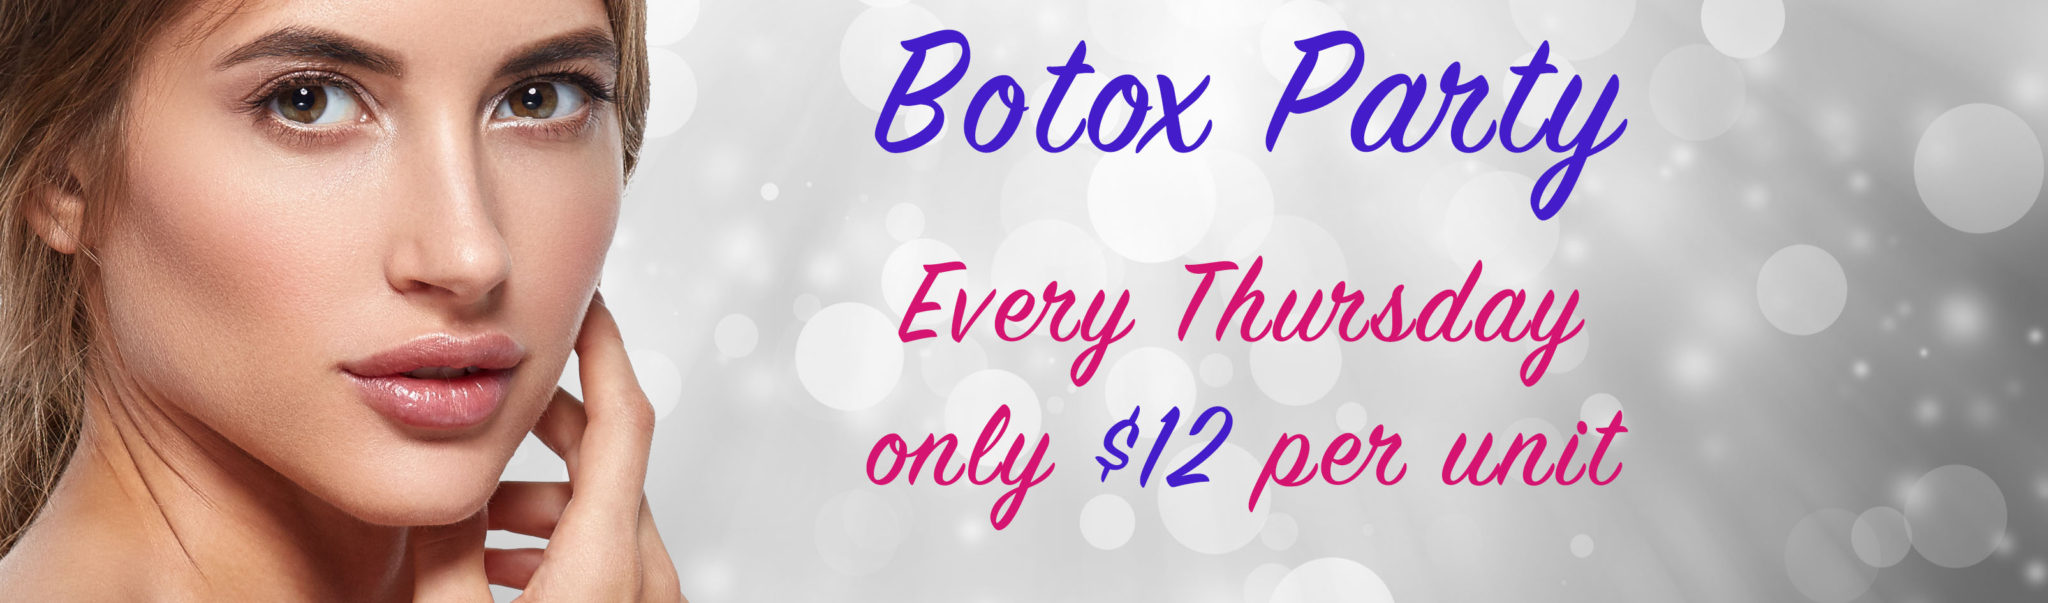 Botox Thursday